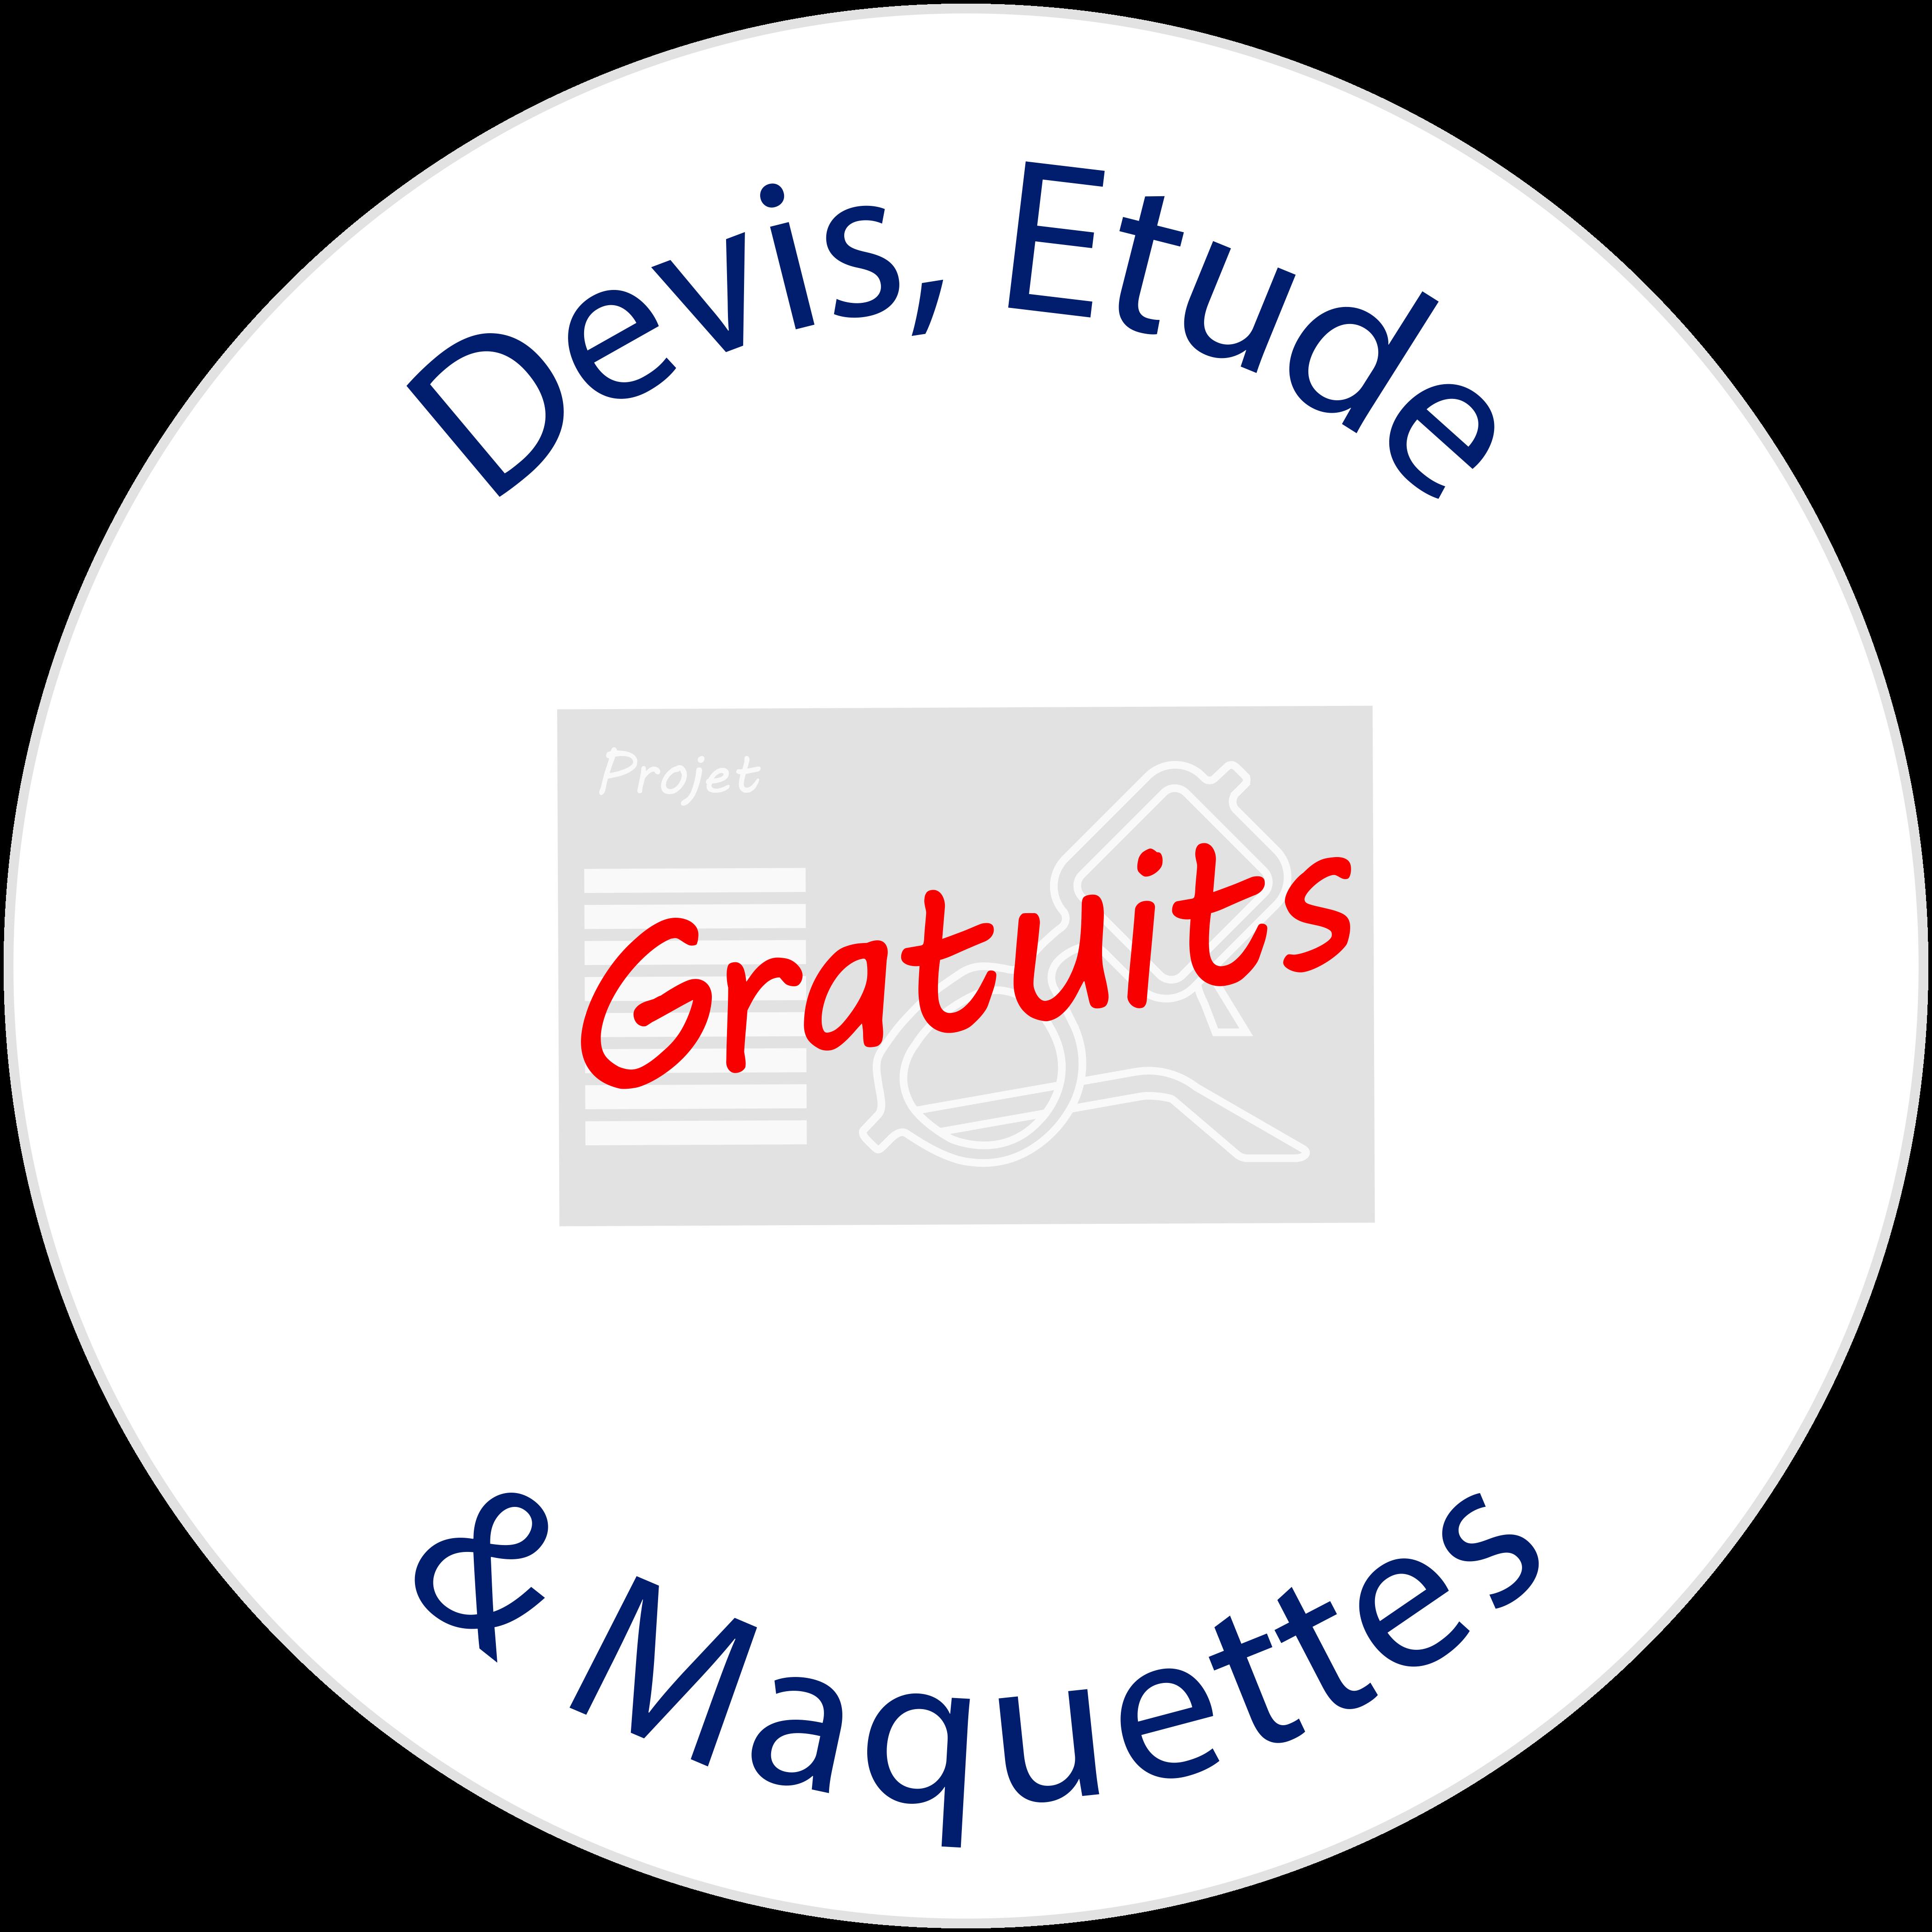 Devis, Etude Gratuits FR